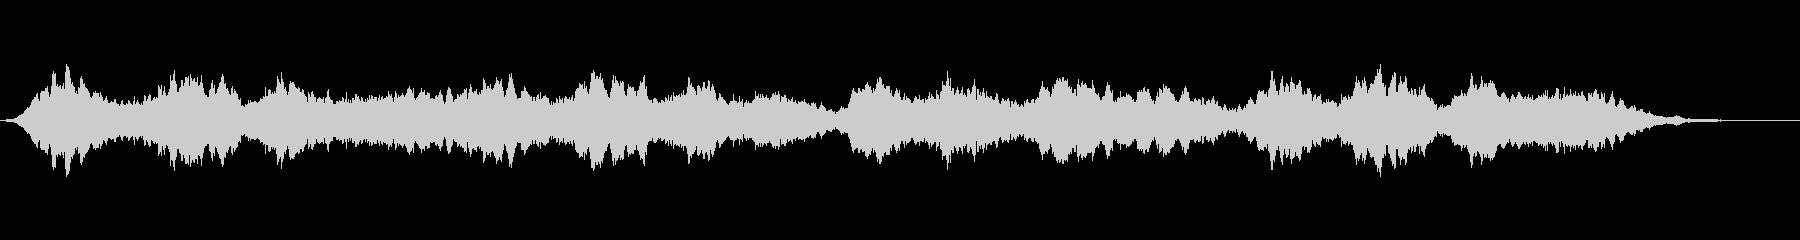 アンビエントな1:38秒の小品の未再生の波形